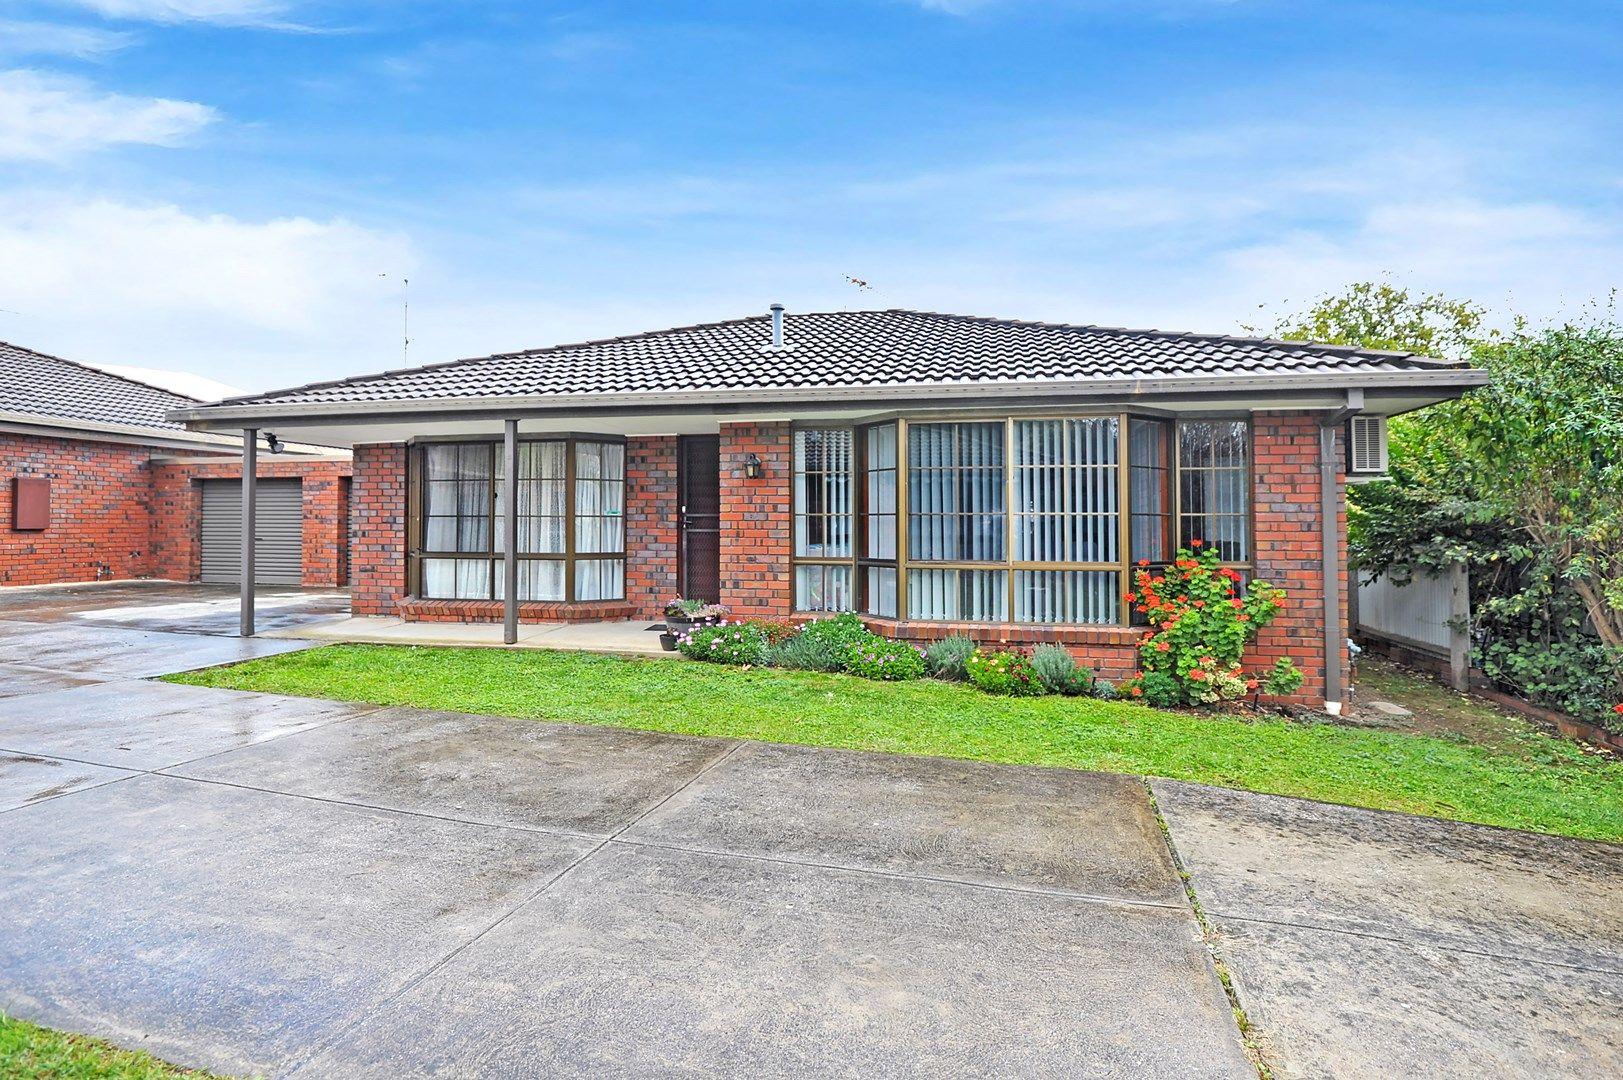 2/405 Eureka Street, Ballarat Central VIC 3350, Image 0